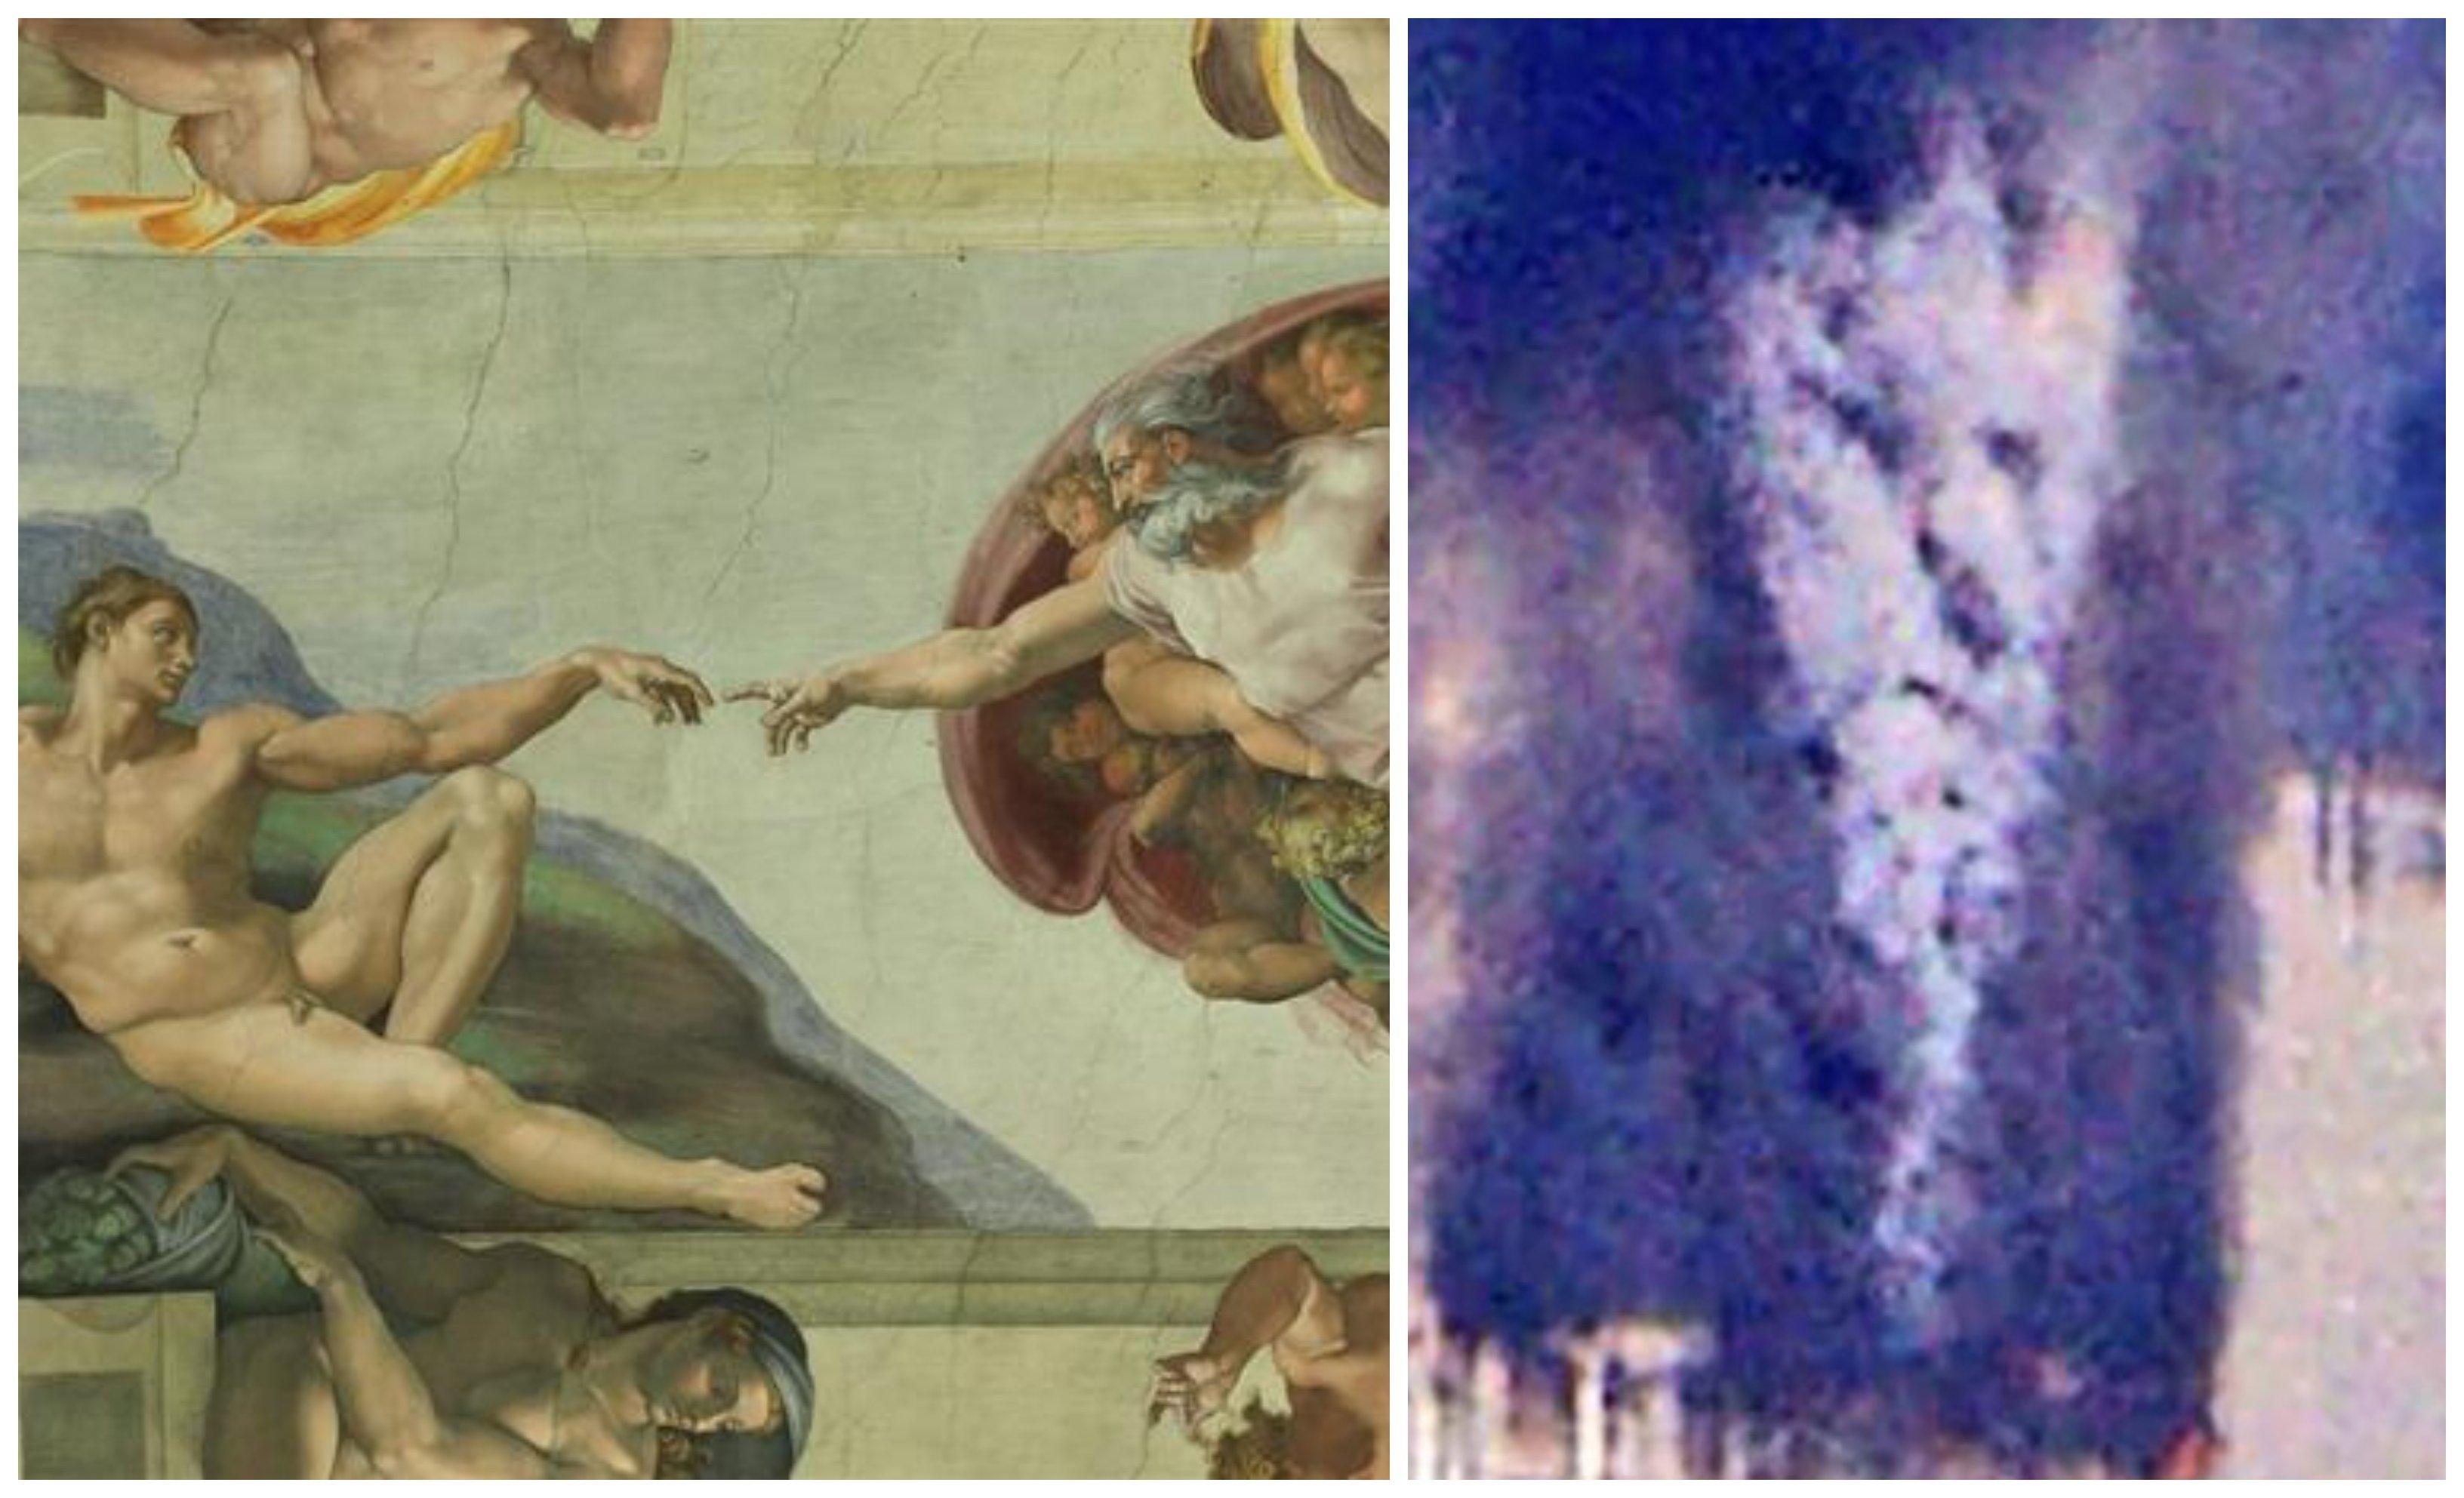 La creación de Miguel Ángel y la silueta del demonio en el 11 S